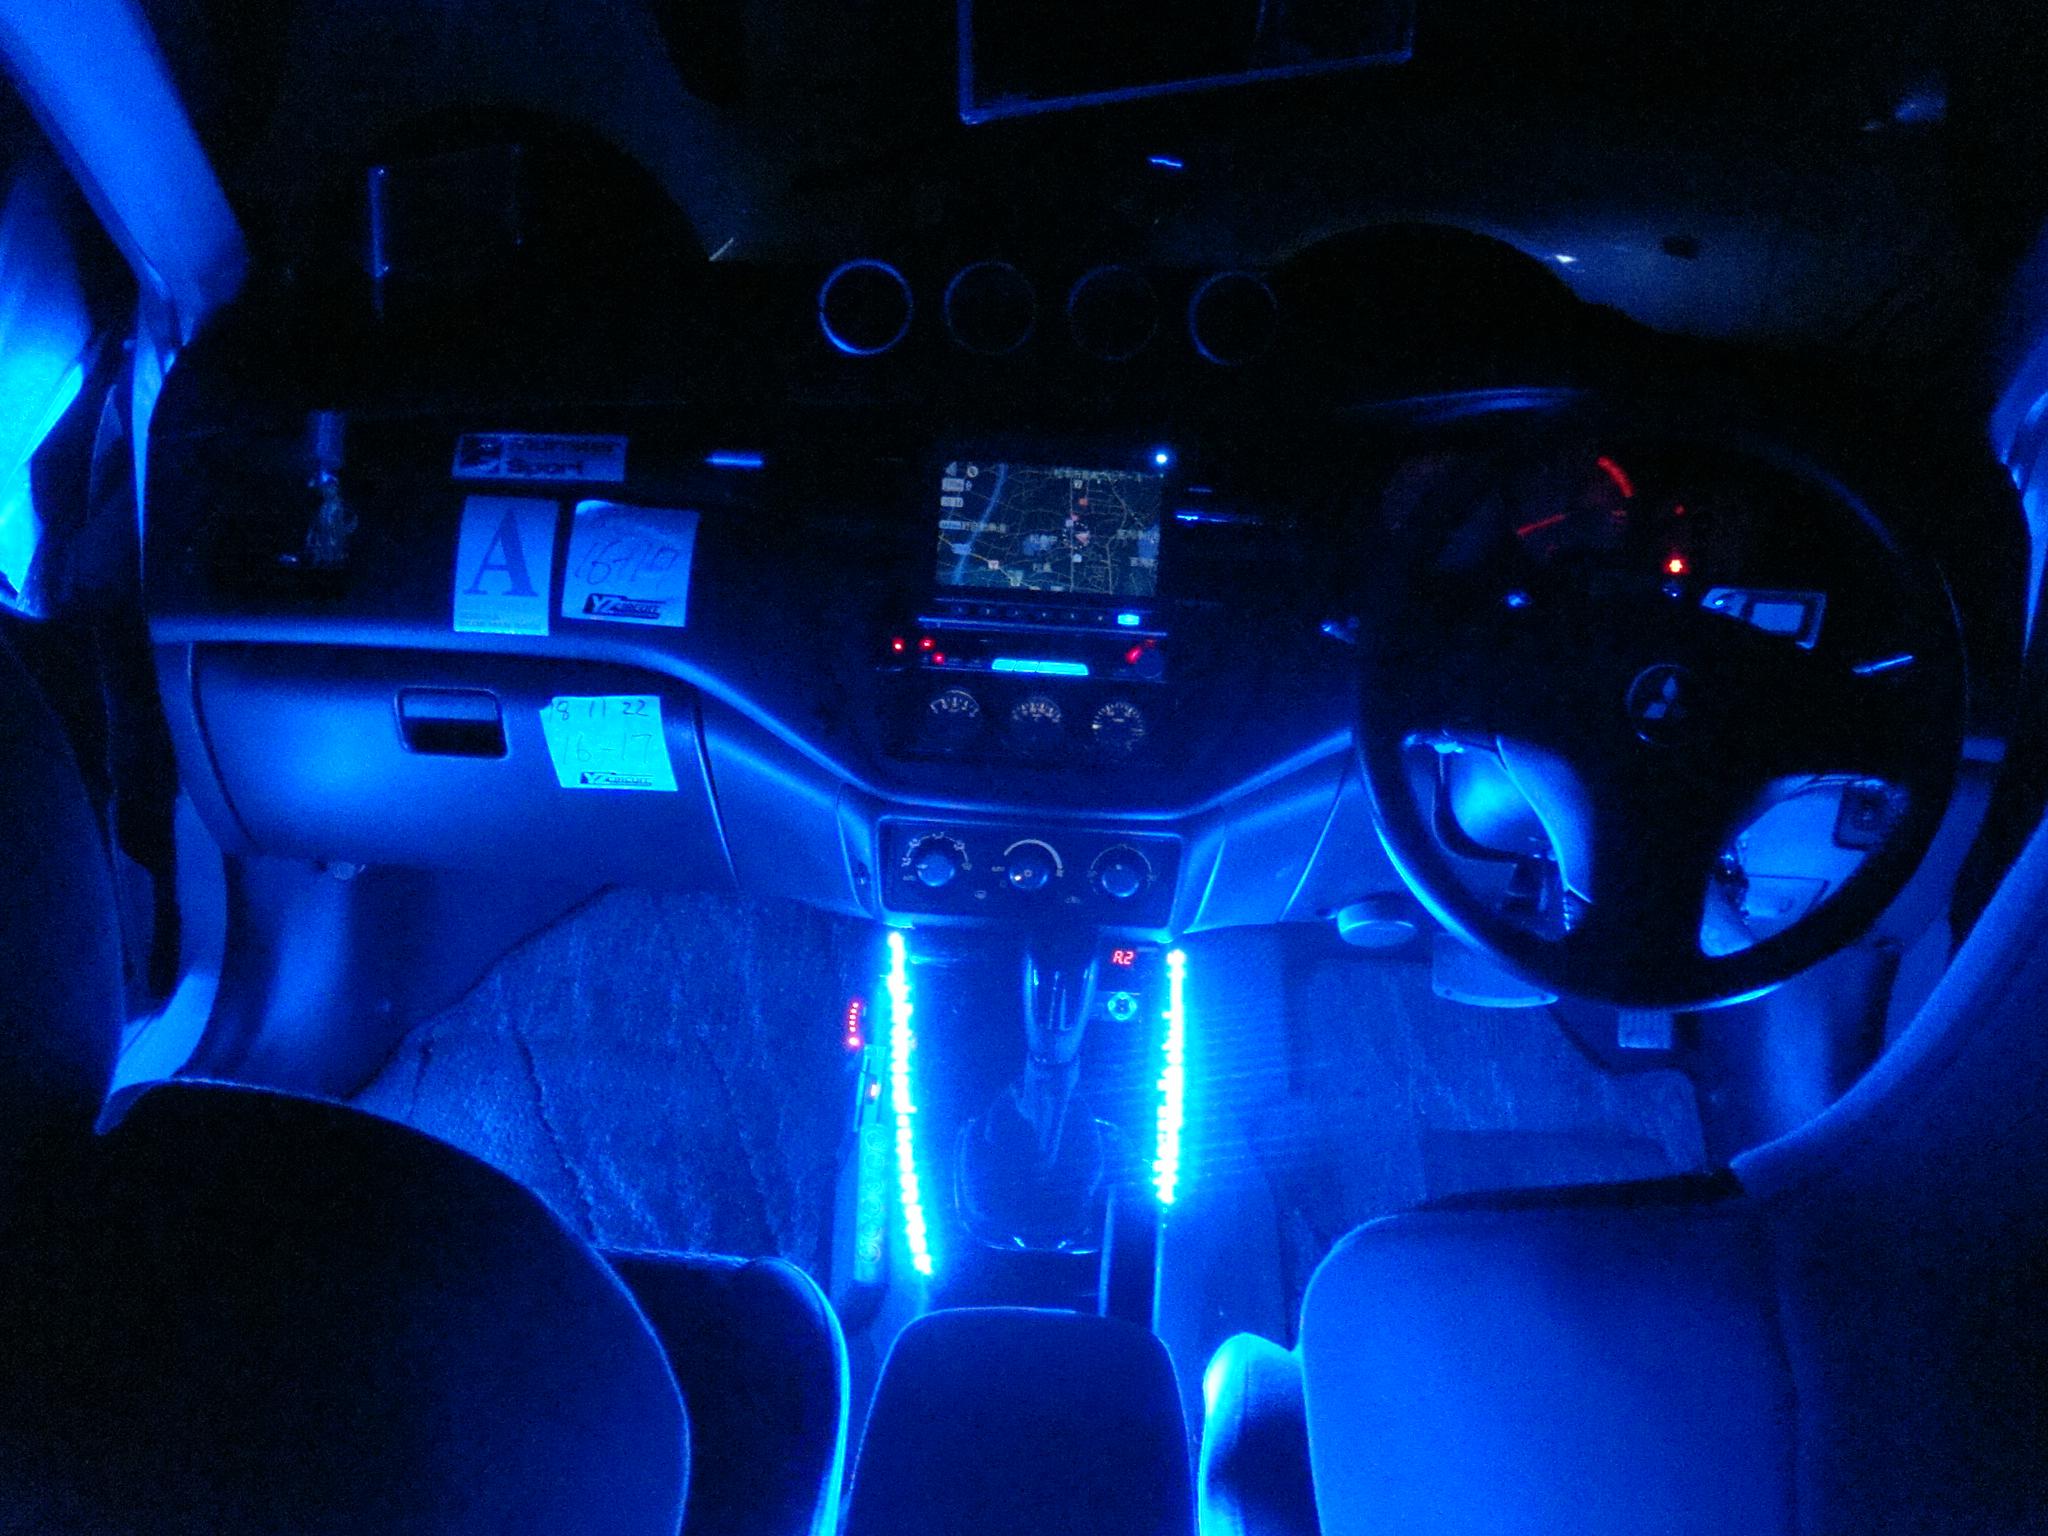 【画像】車の内装どっちがかっこいいかおしえてくれwwwwwwwwwwwwwwwwww : 気になるたけのこ速報VIP